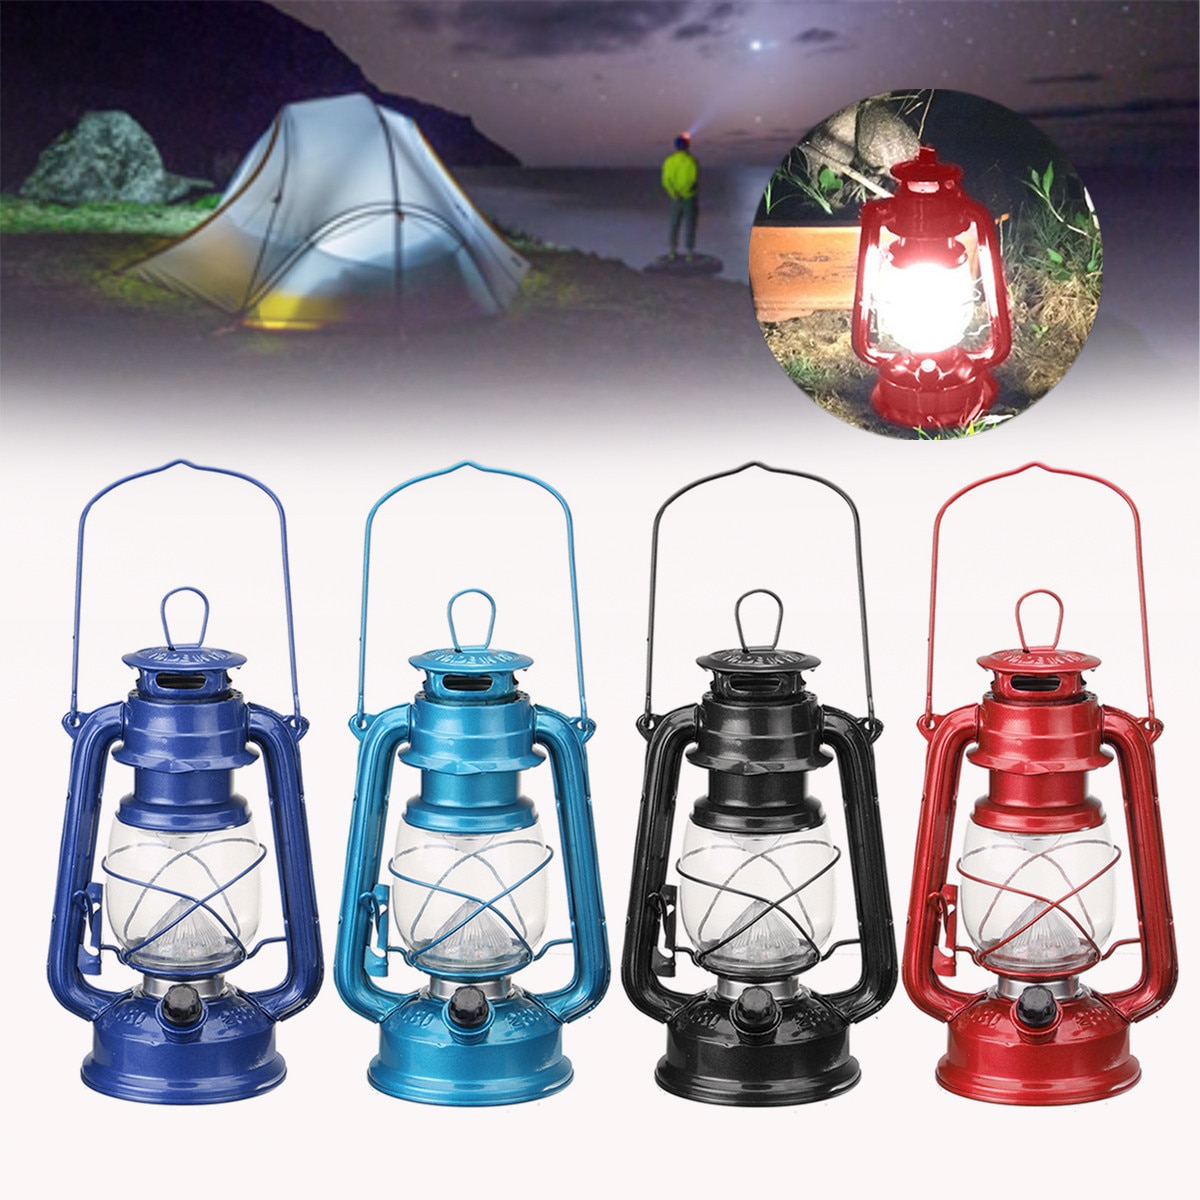 Style Vintage Portable 15 LED lanterne à piles intérieur extérieur jardin pêche Camping HikingTent lumière